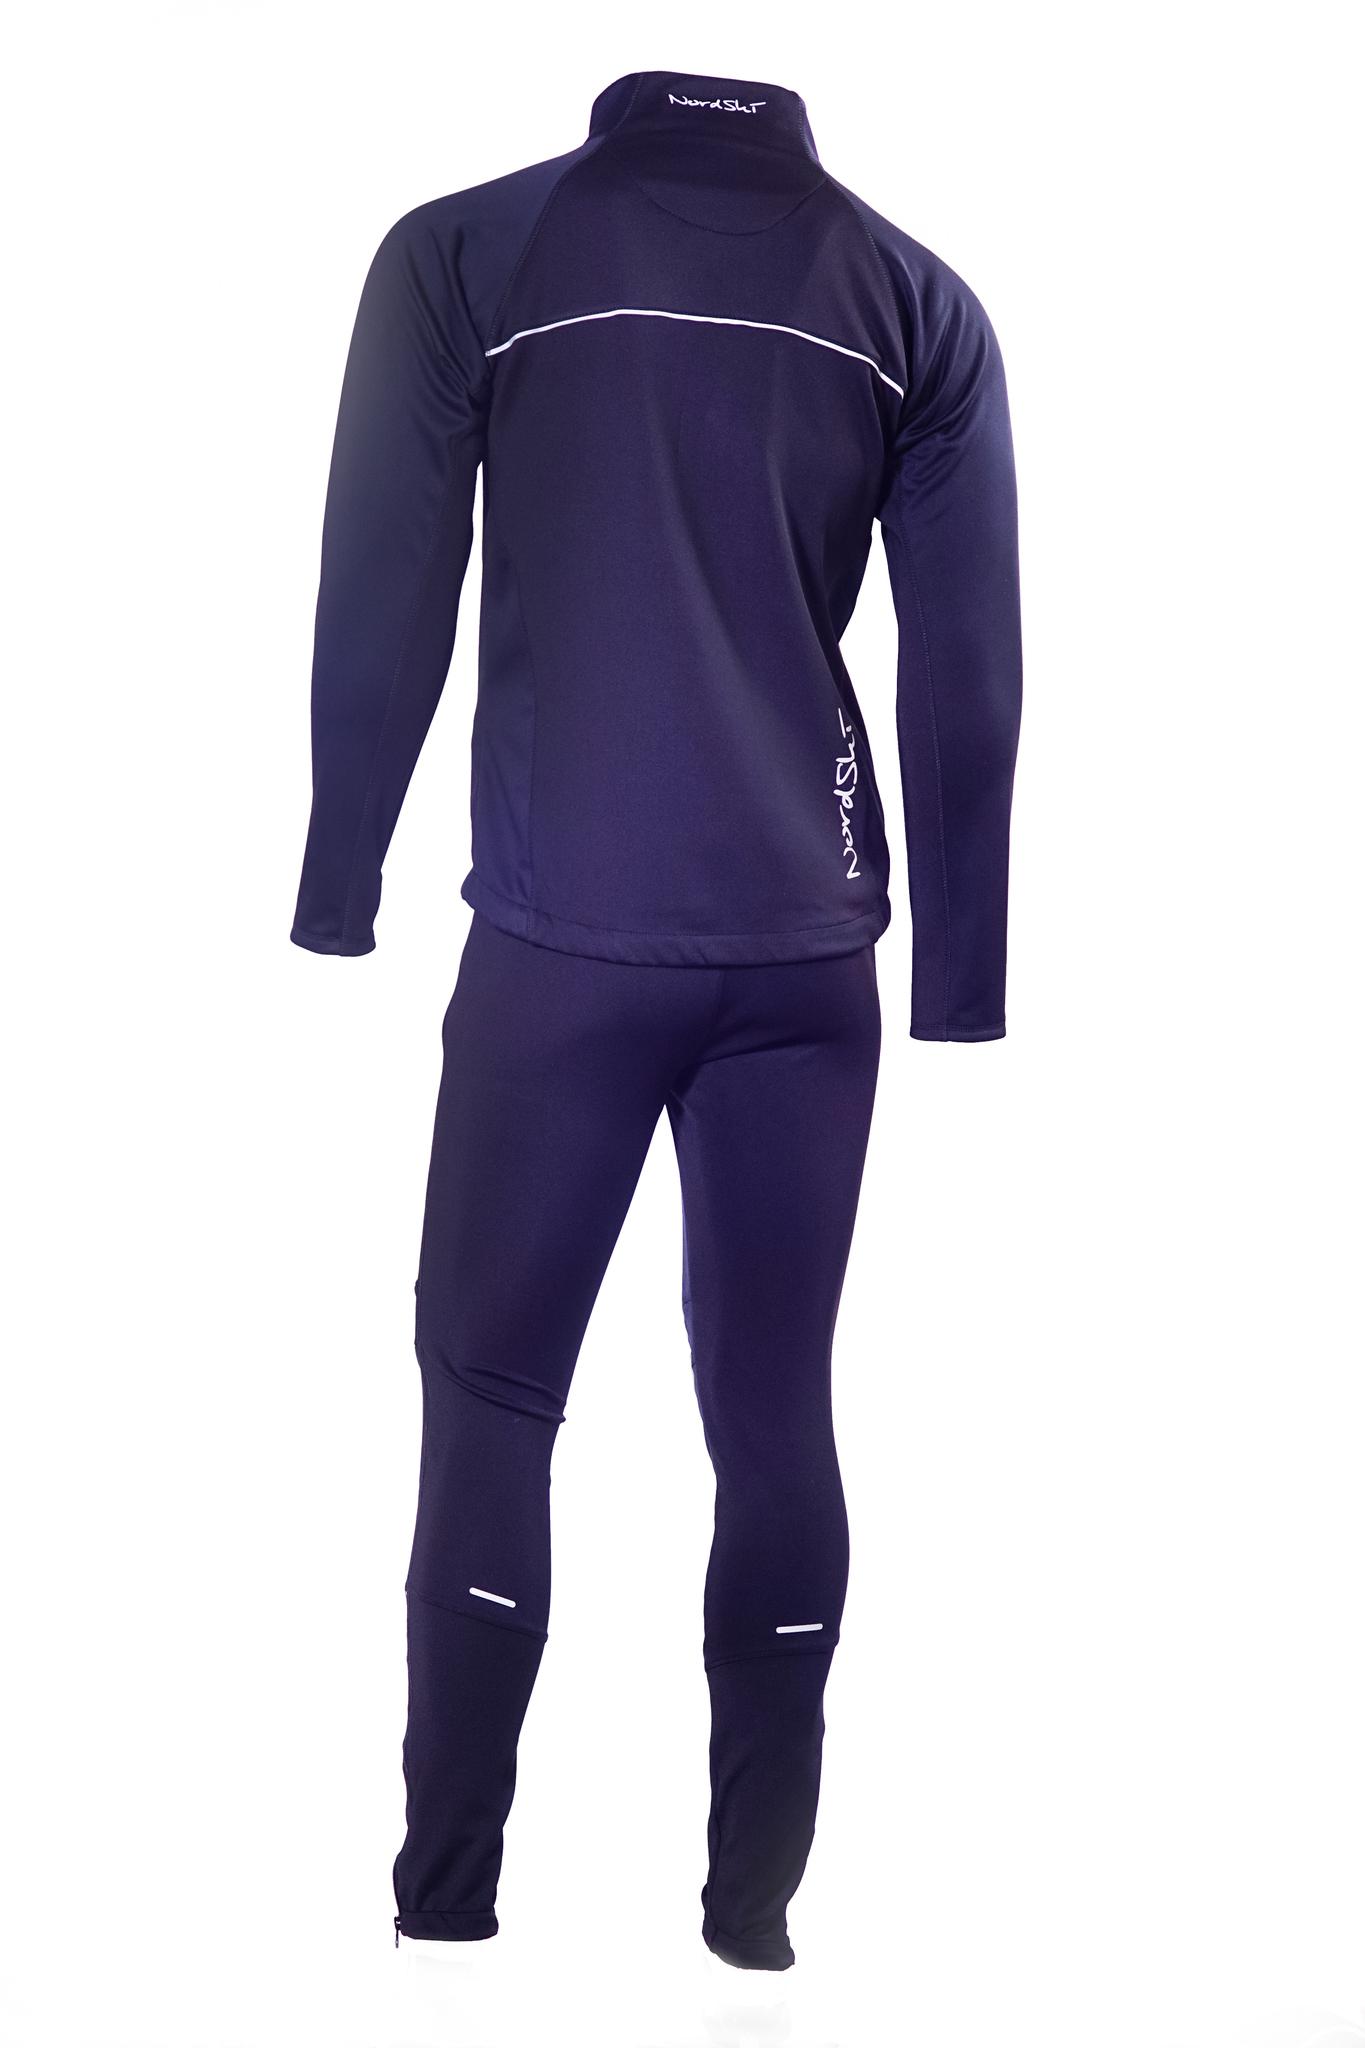 Мужской разминочный лыжный костюм Nordski Active (NSM224100) черный фото спина